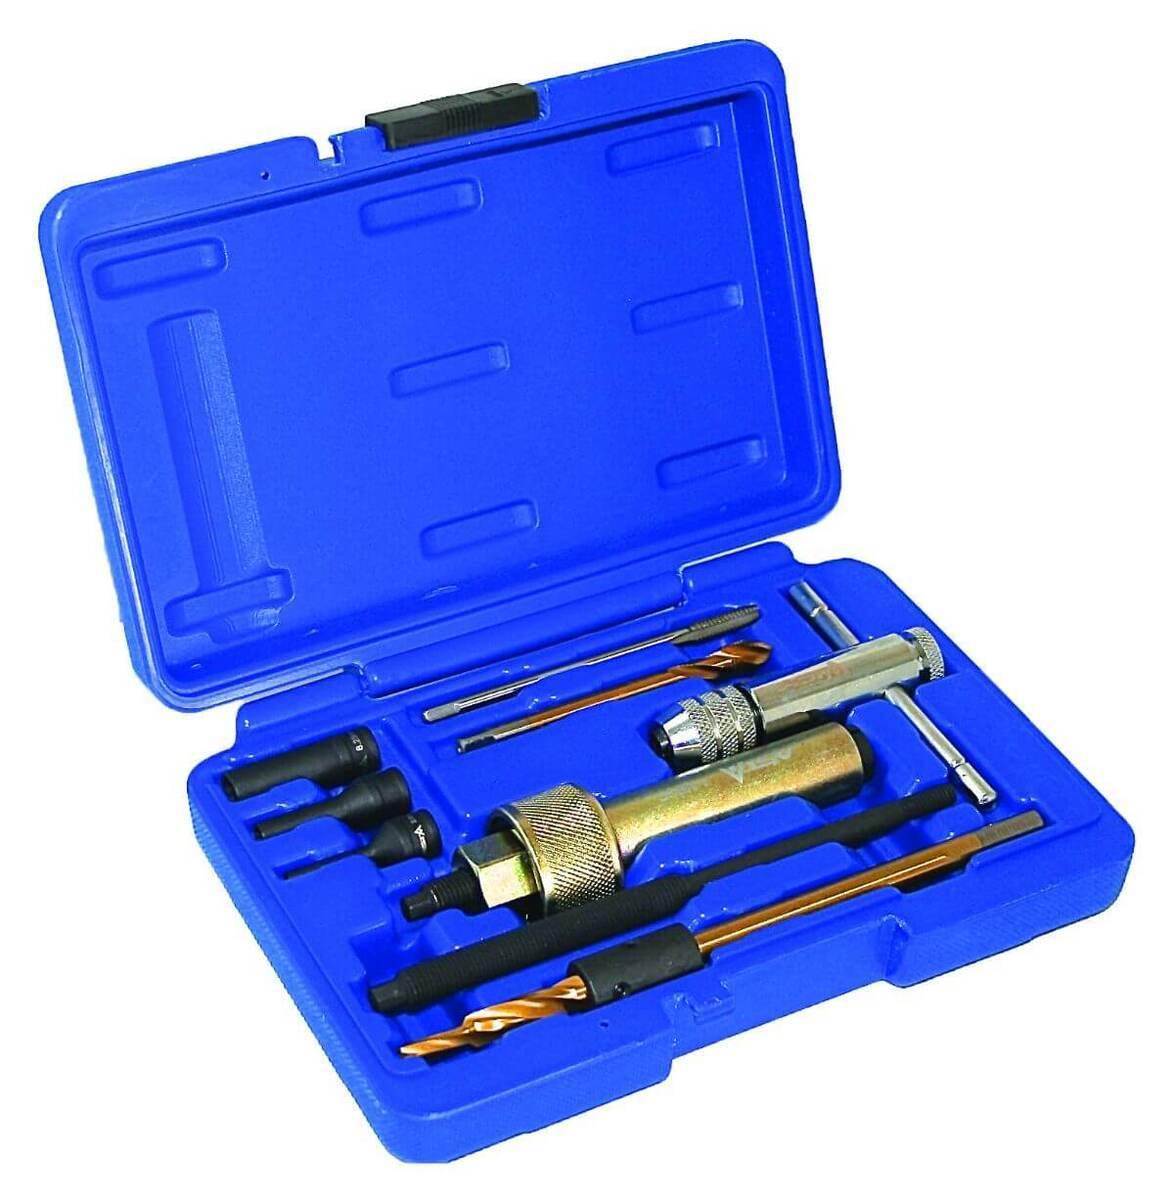 Vytahovák na demontáž žhavicích svíček, závit M9 x 1.0 mm, sada 9 dílů - ASTA